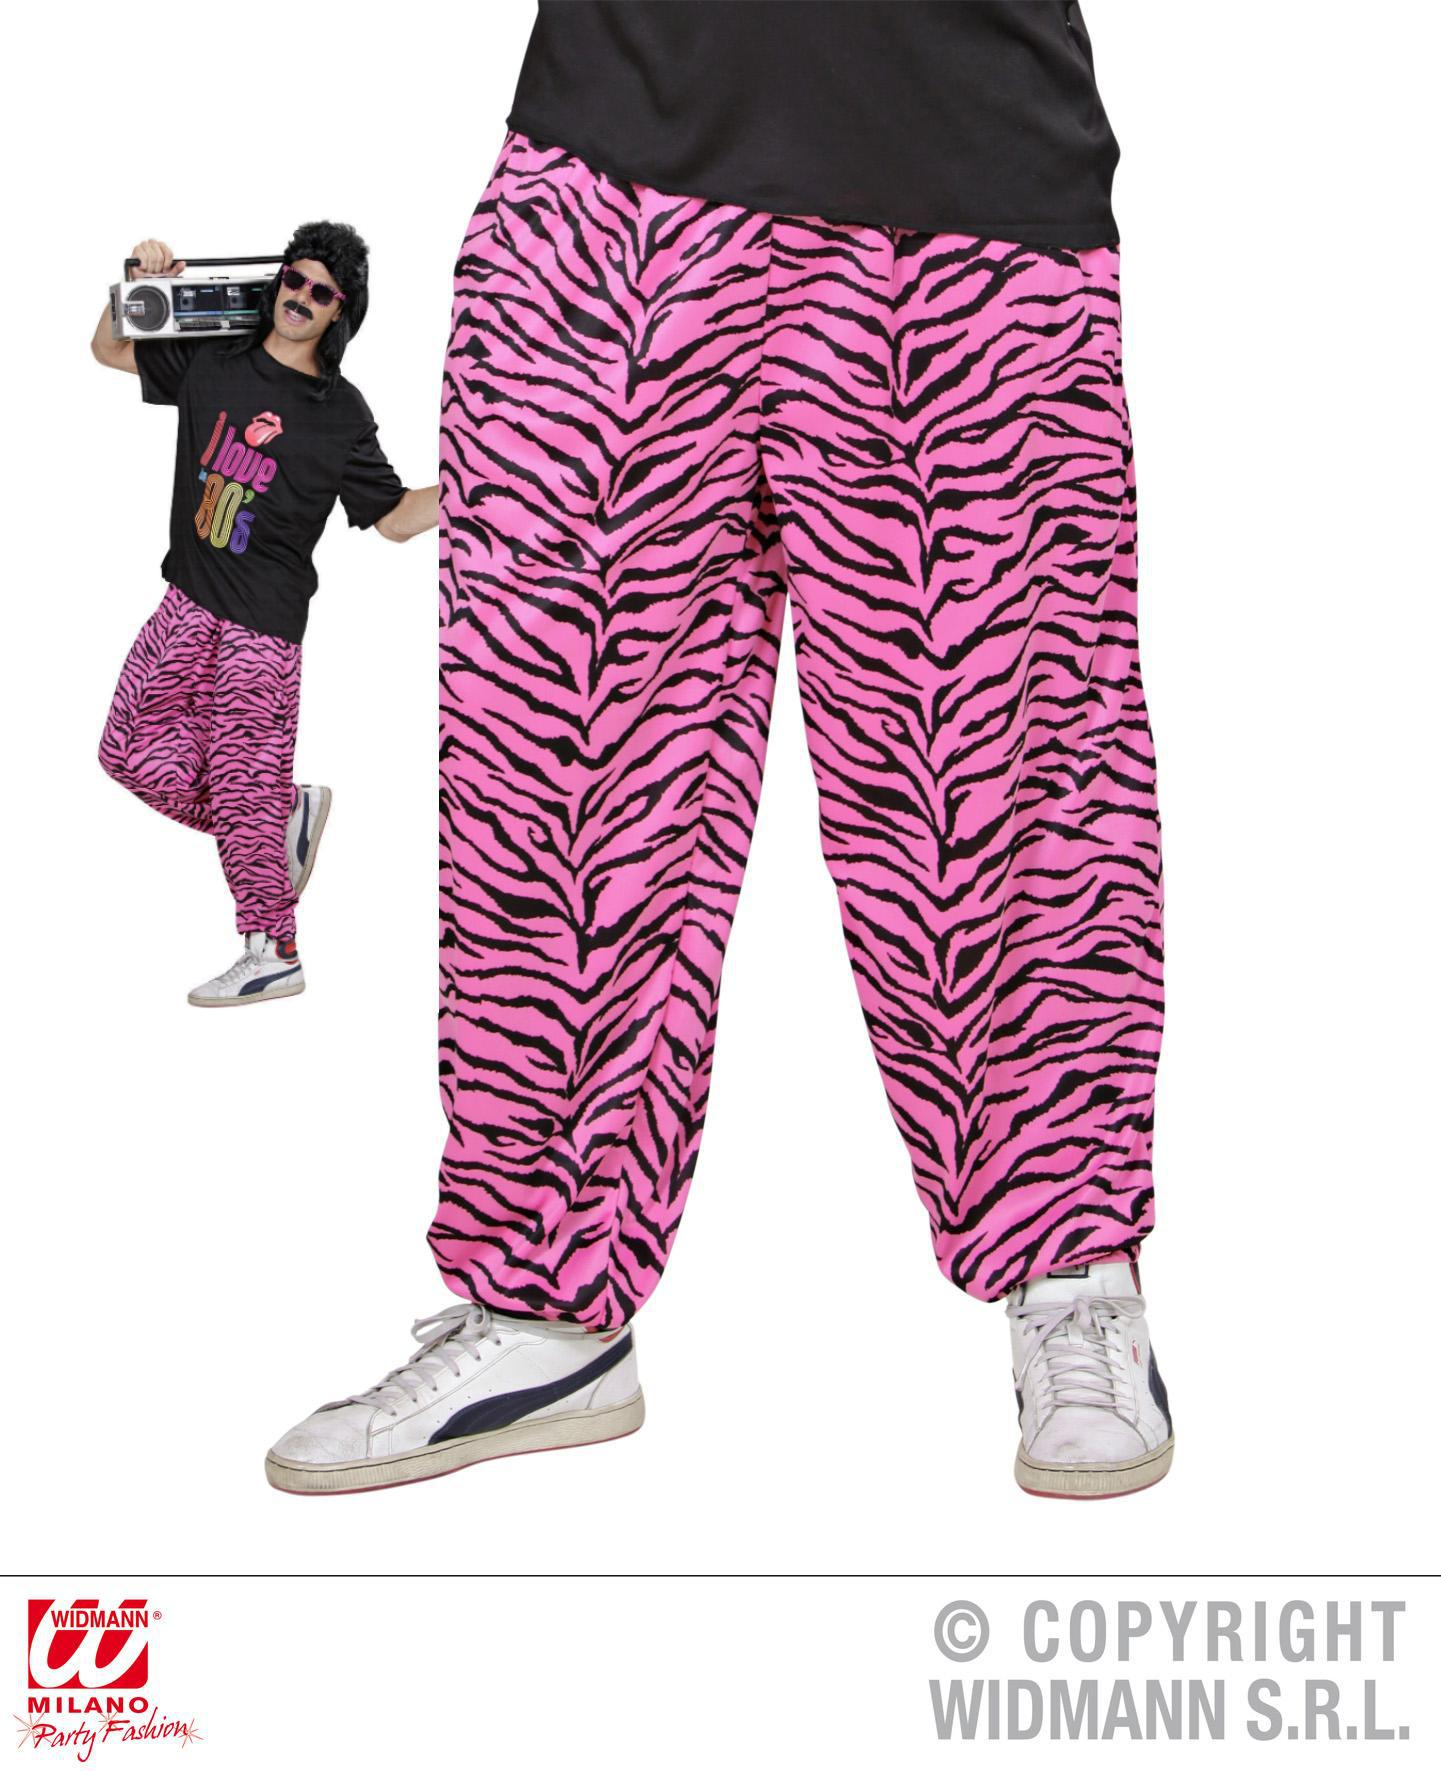 80er 90er jogginghose pink schwarz kaufen bei preiswert123 for 90er mode kaufen